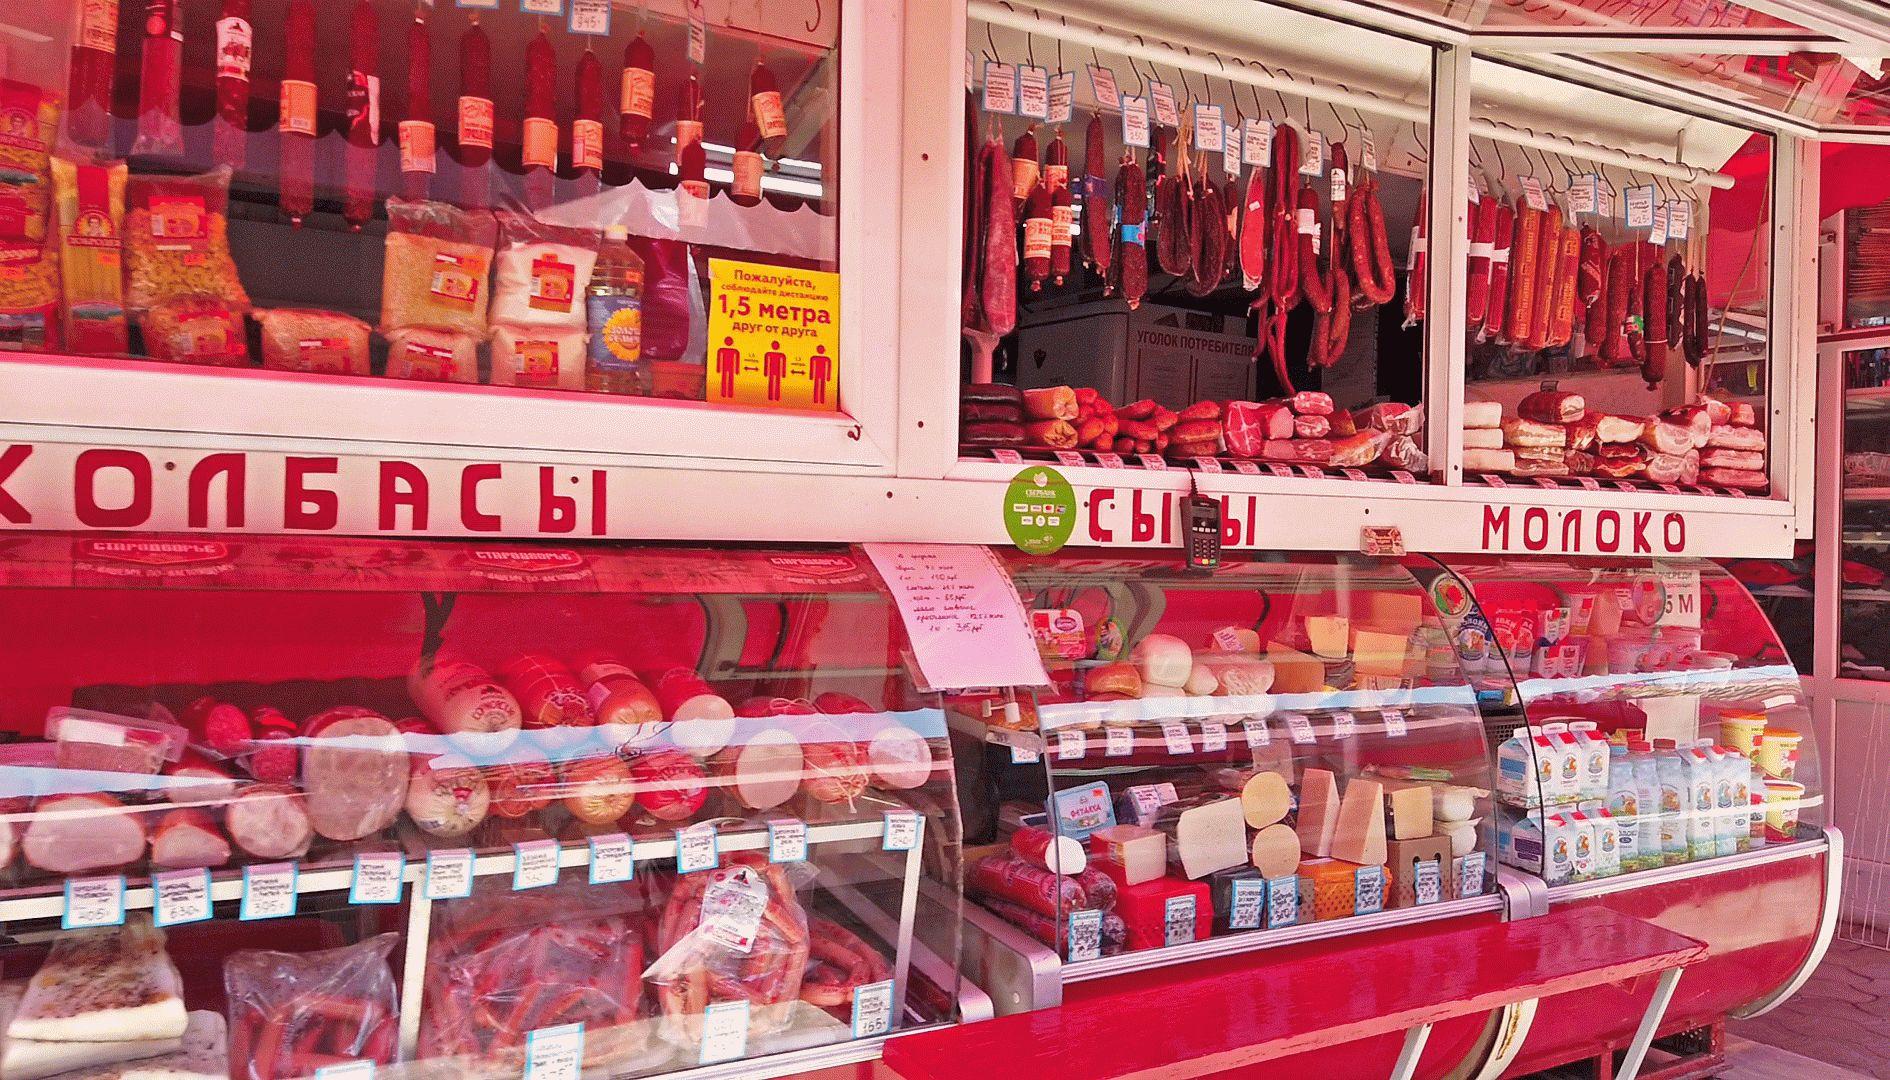 Мясная продукция и полуфабрикаты